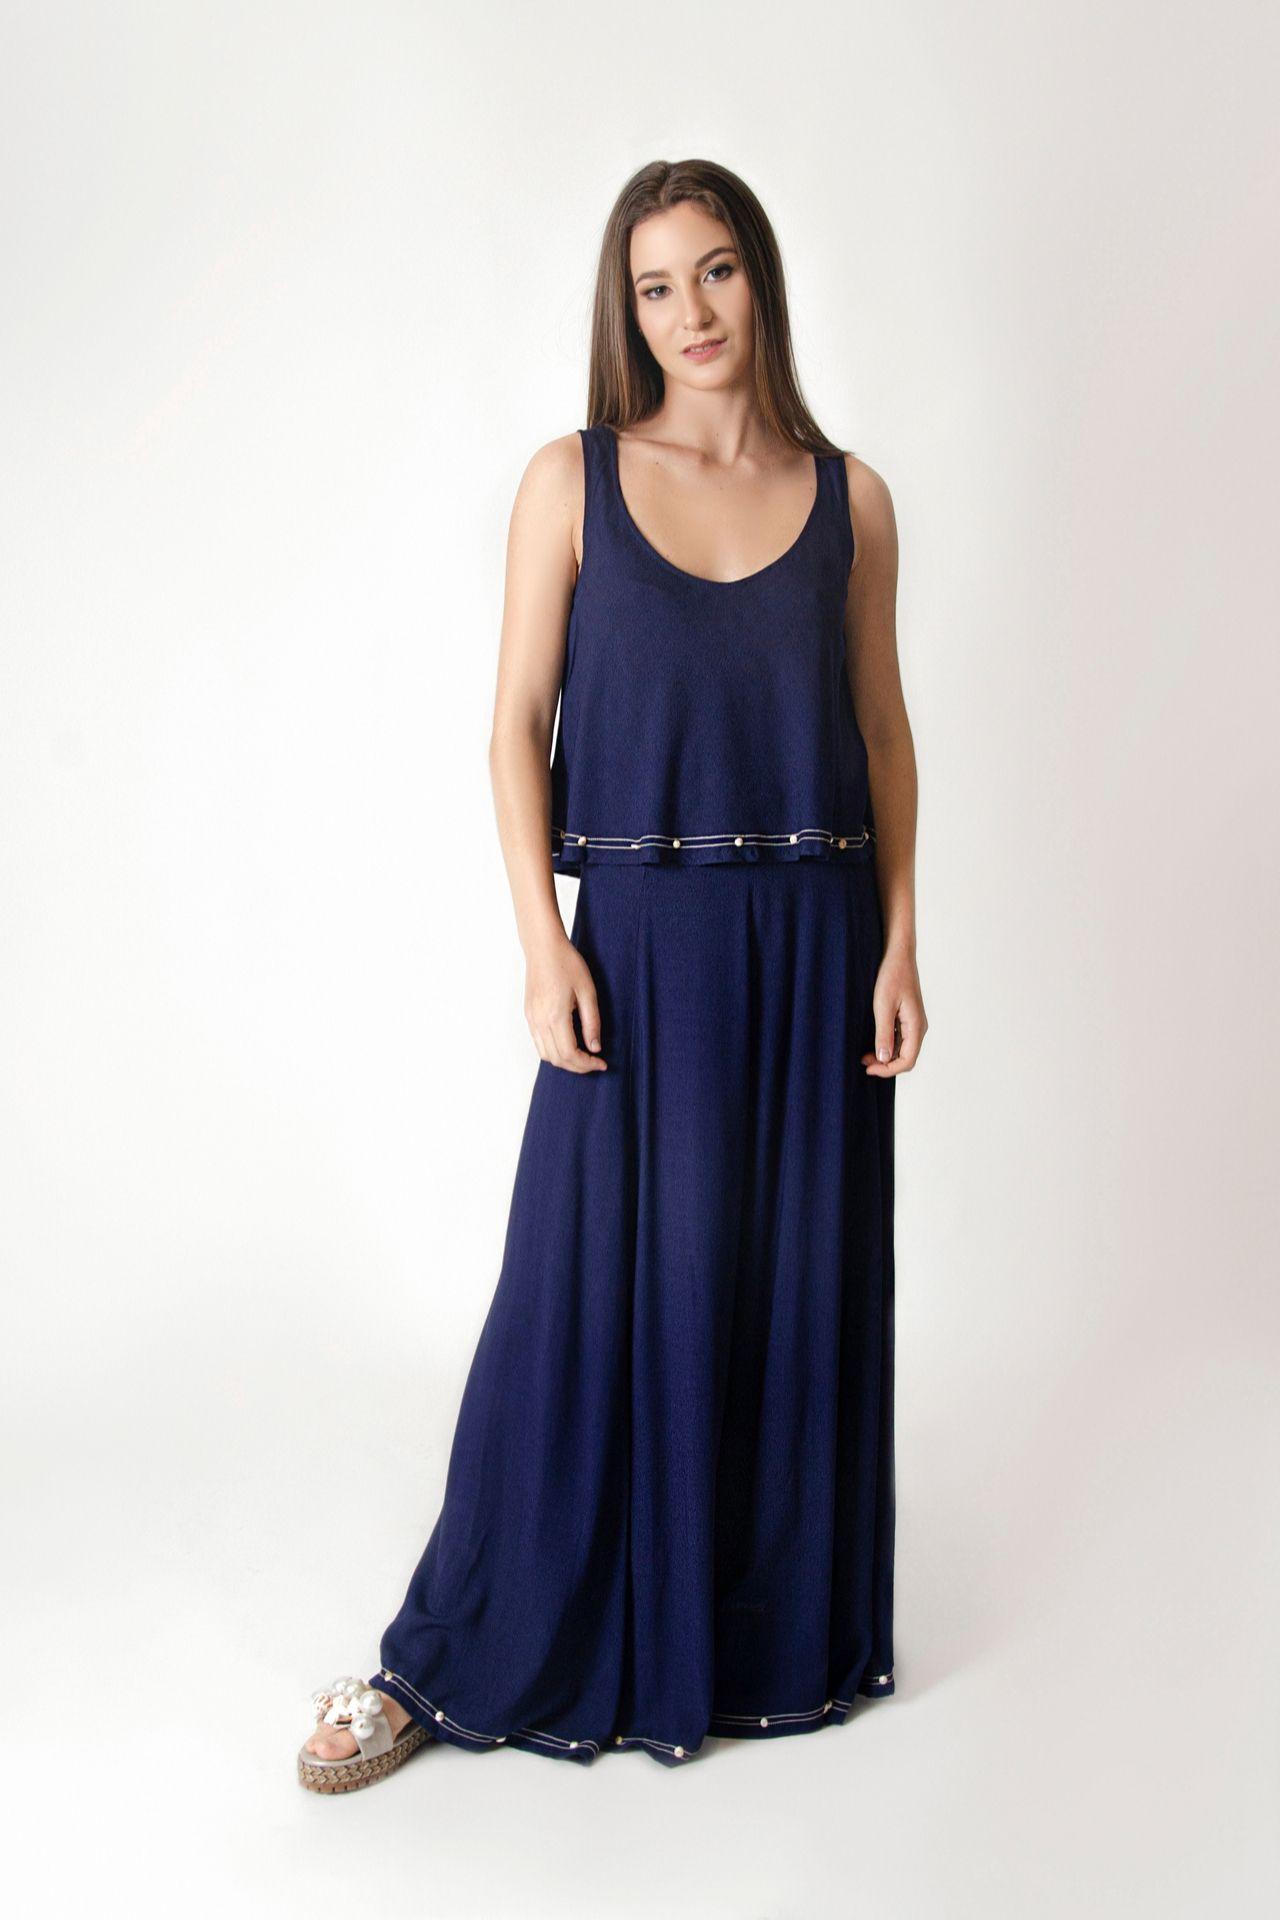 Falda de lino, con líneas horizontales de hilo bordado contrastado en la parte inferior, con aplicaciones de elementos marinos.